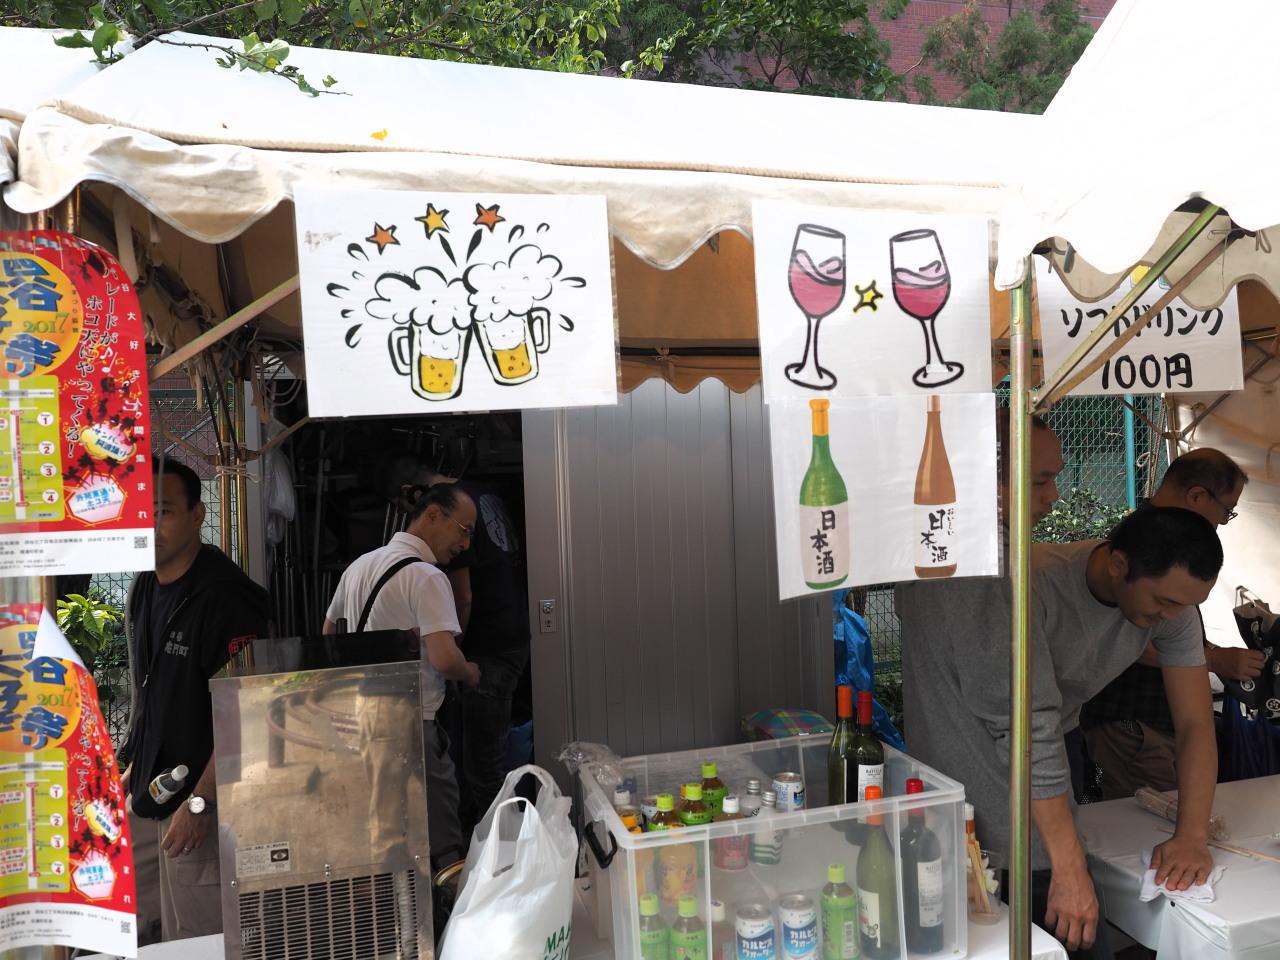 四谷三丁目は生ビール、日本酒、ワイン、ソフトドリンク、焼き油揚げを提供致しました。